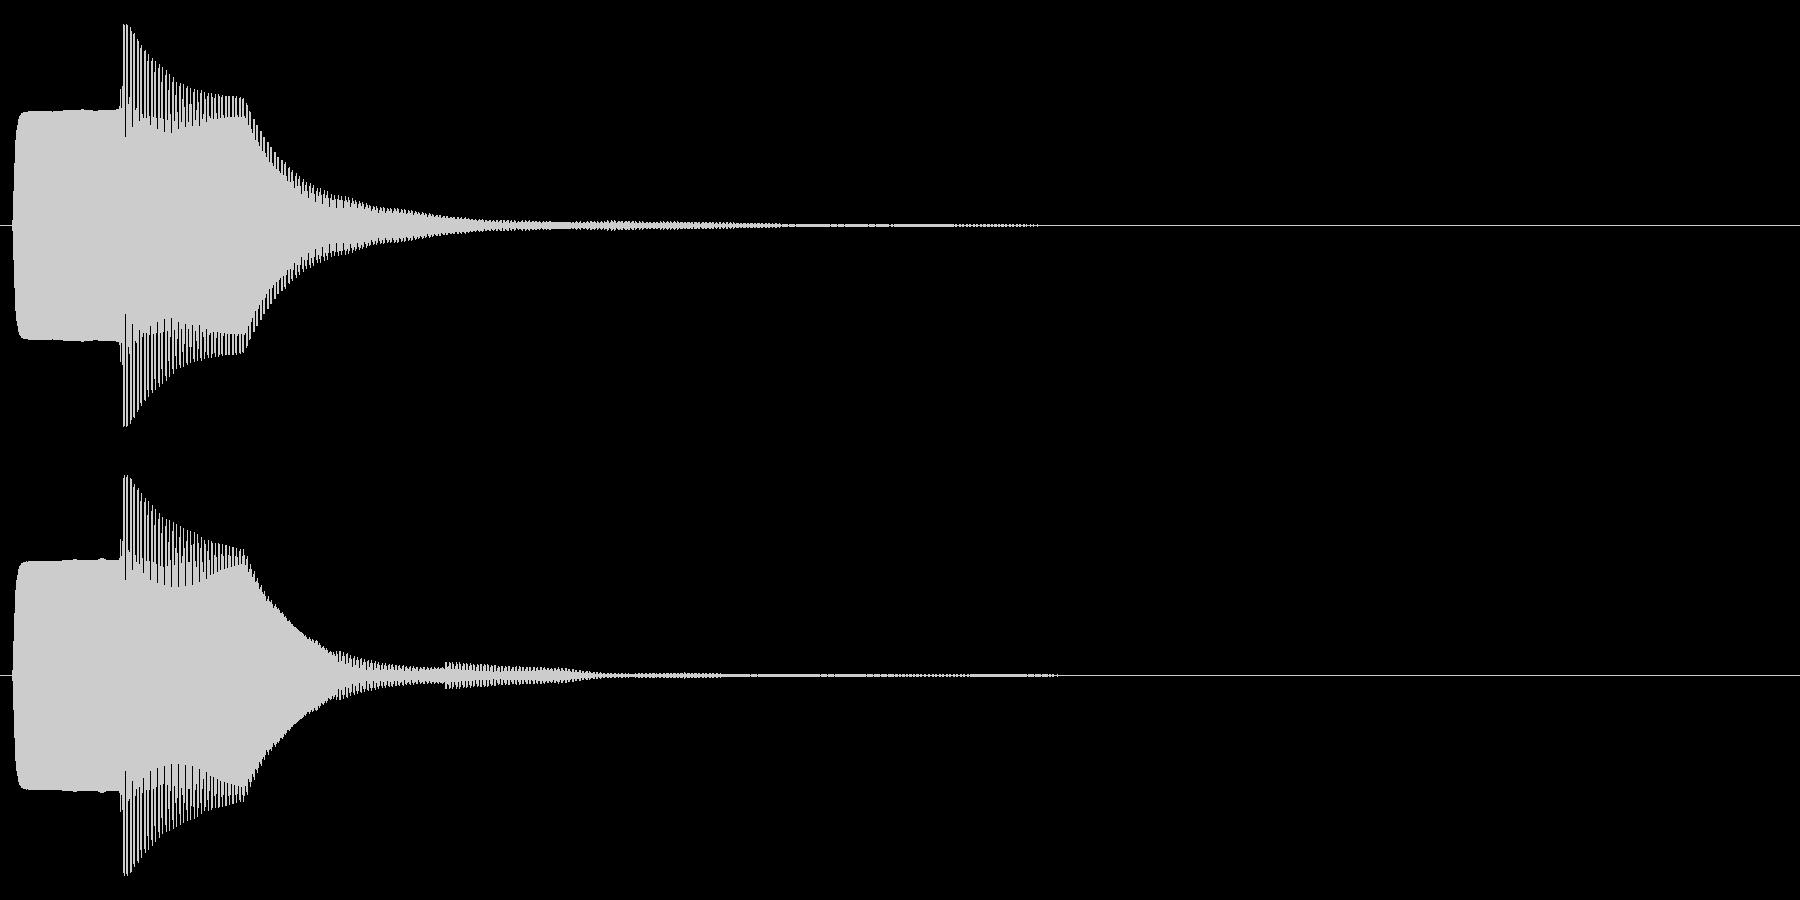 ピコン(キャンセル,終了,停止)_04の未再生の波形